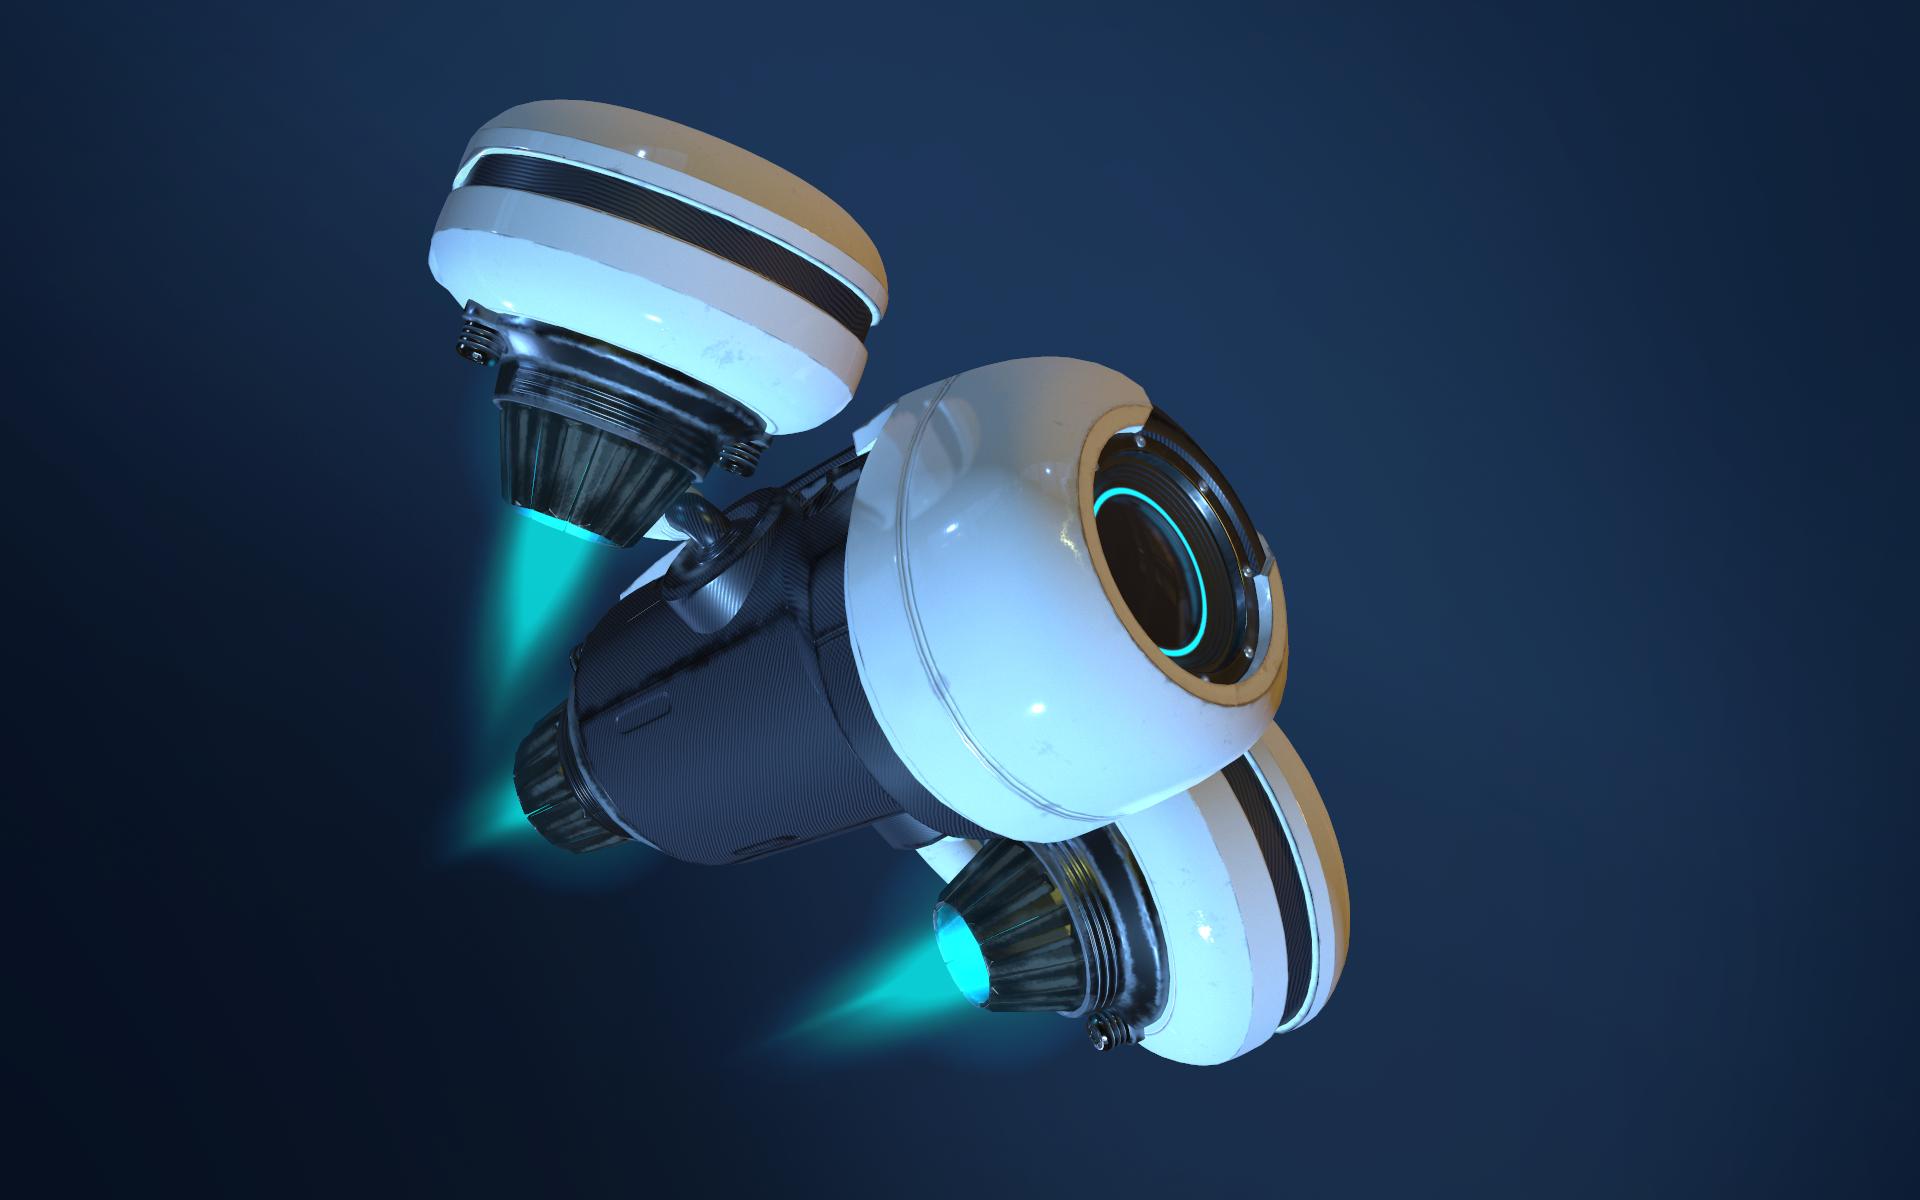 prime_drone_rendering_03